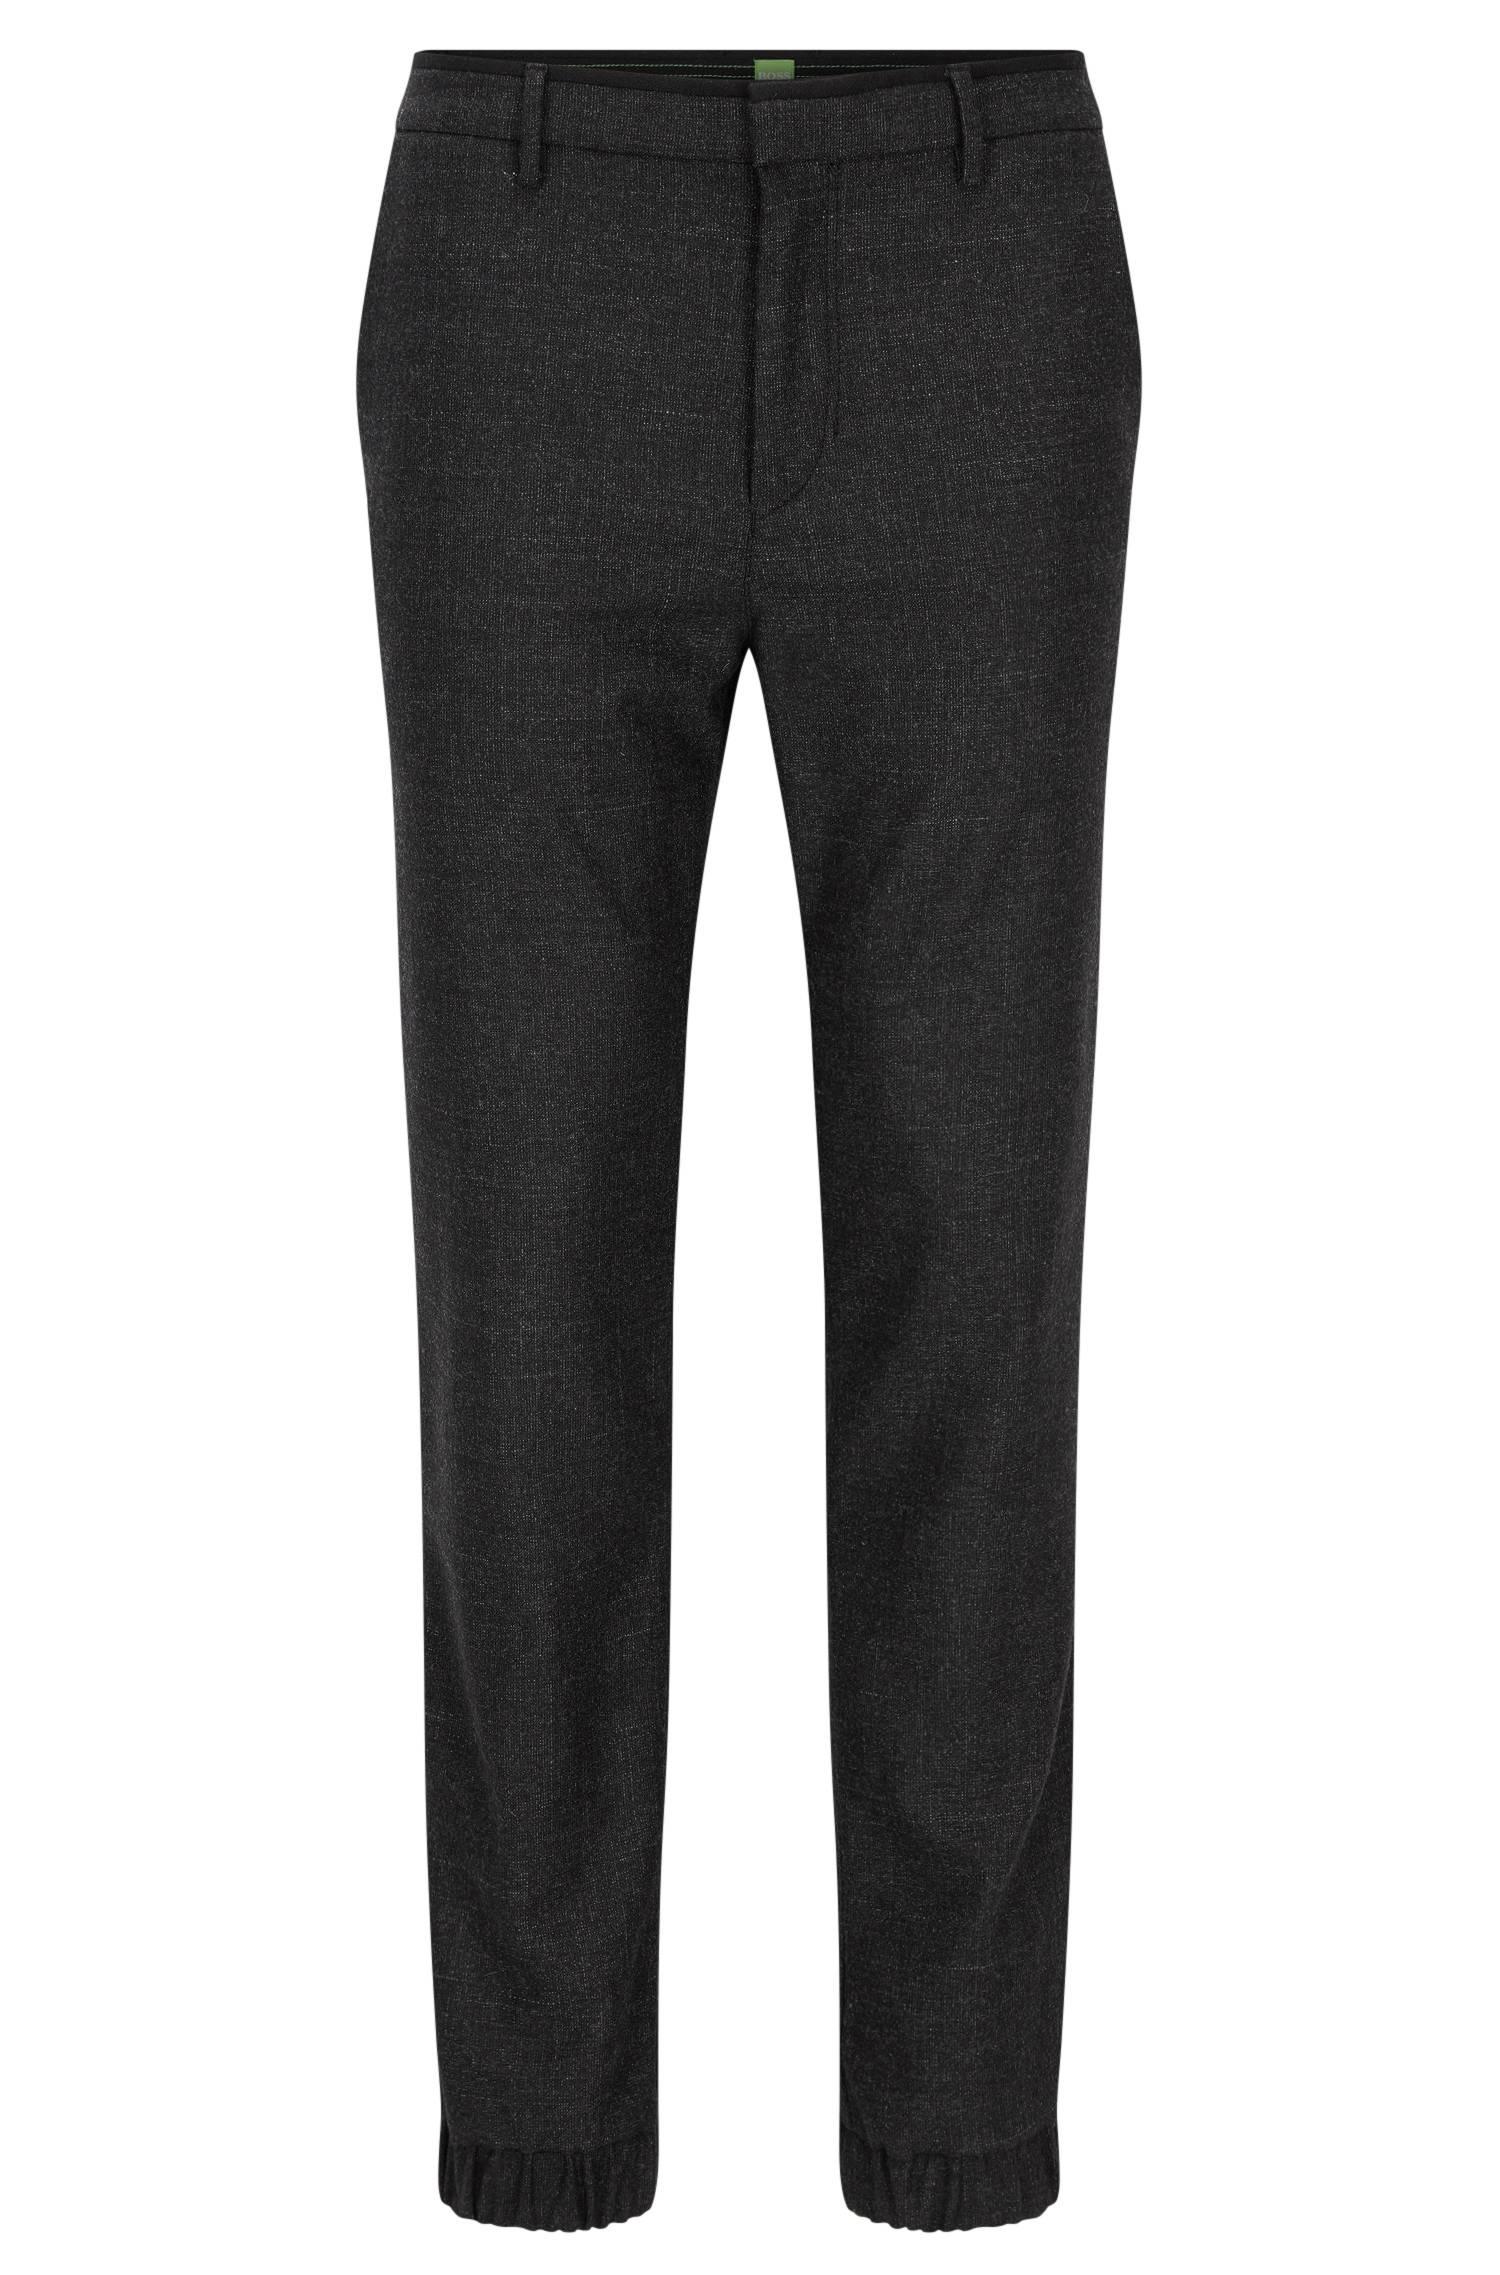 Slimfit trousers in woolblend tweed